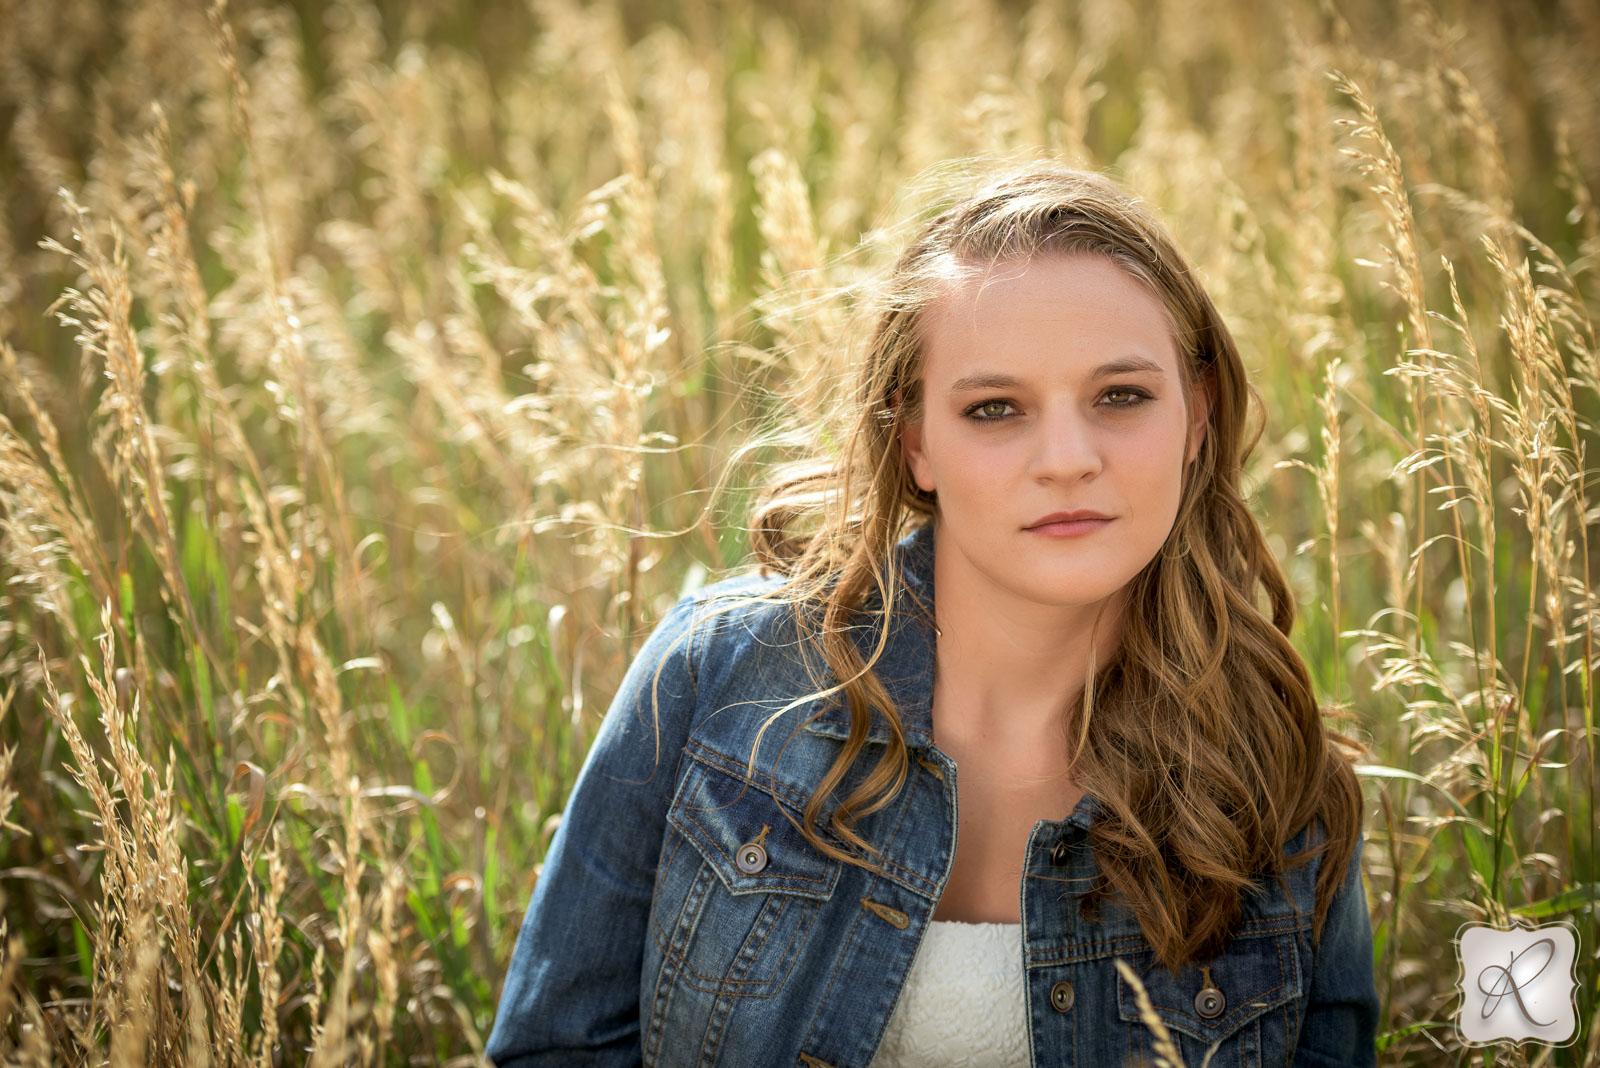 Senior Pictures Durango Colorado